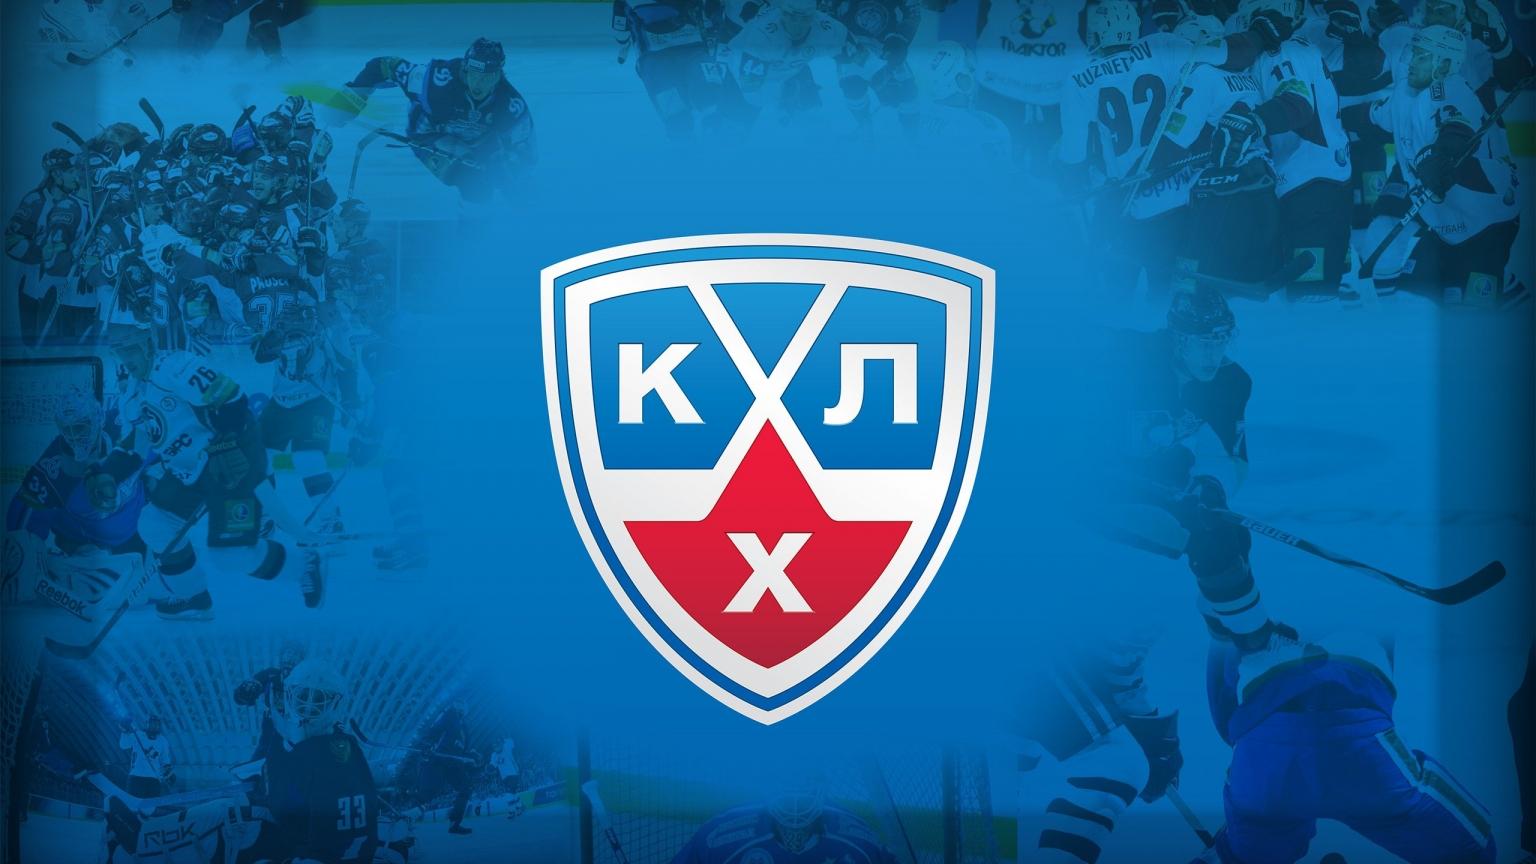 download CHL hockey sports mascot KHL wallpaper 2560x1600 1536x864